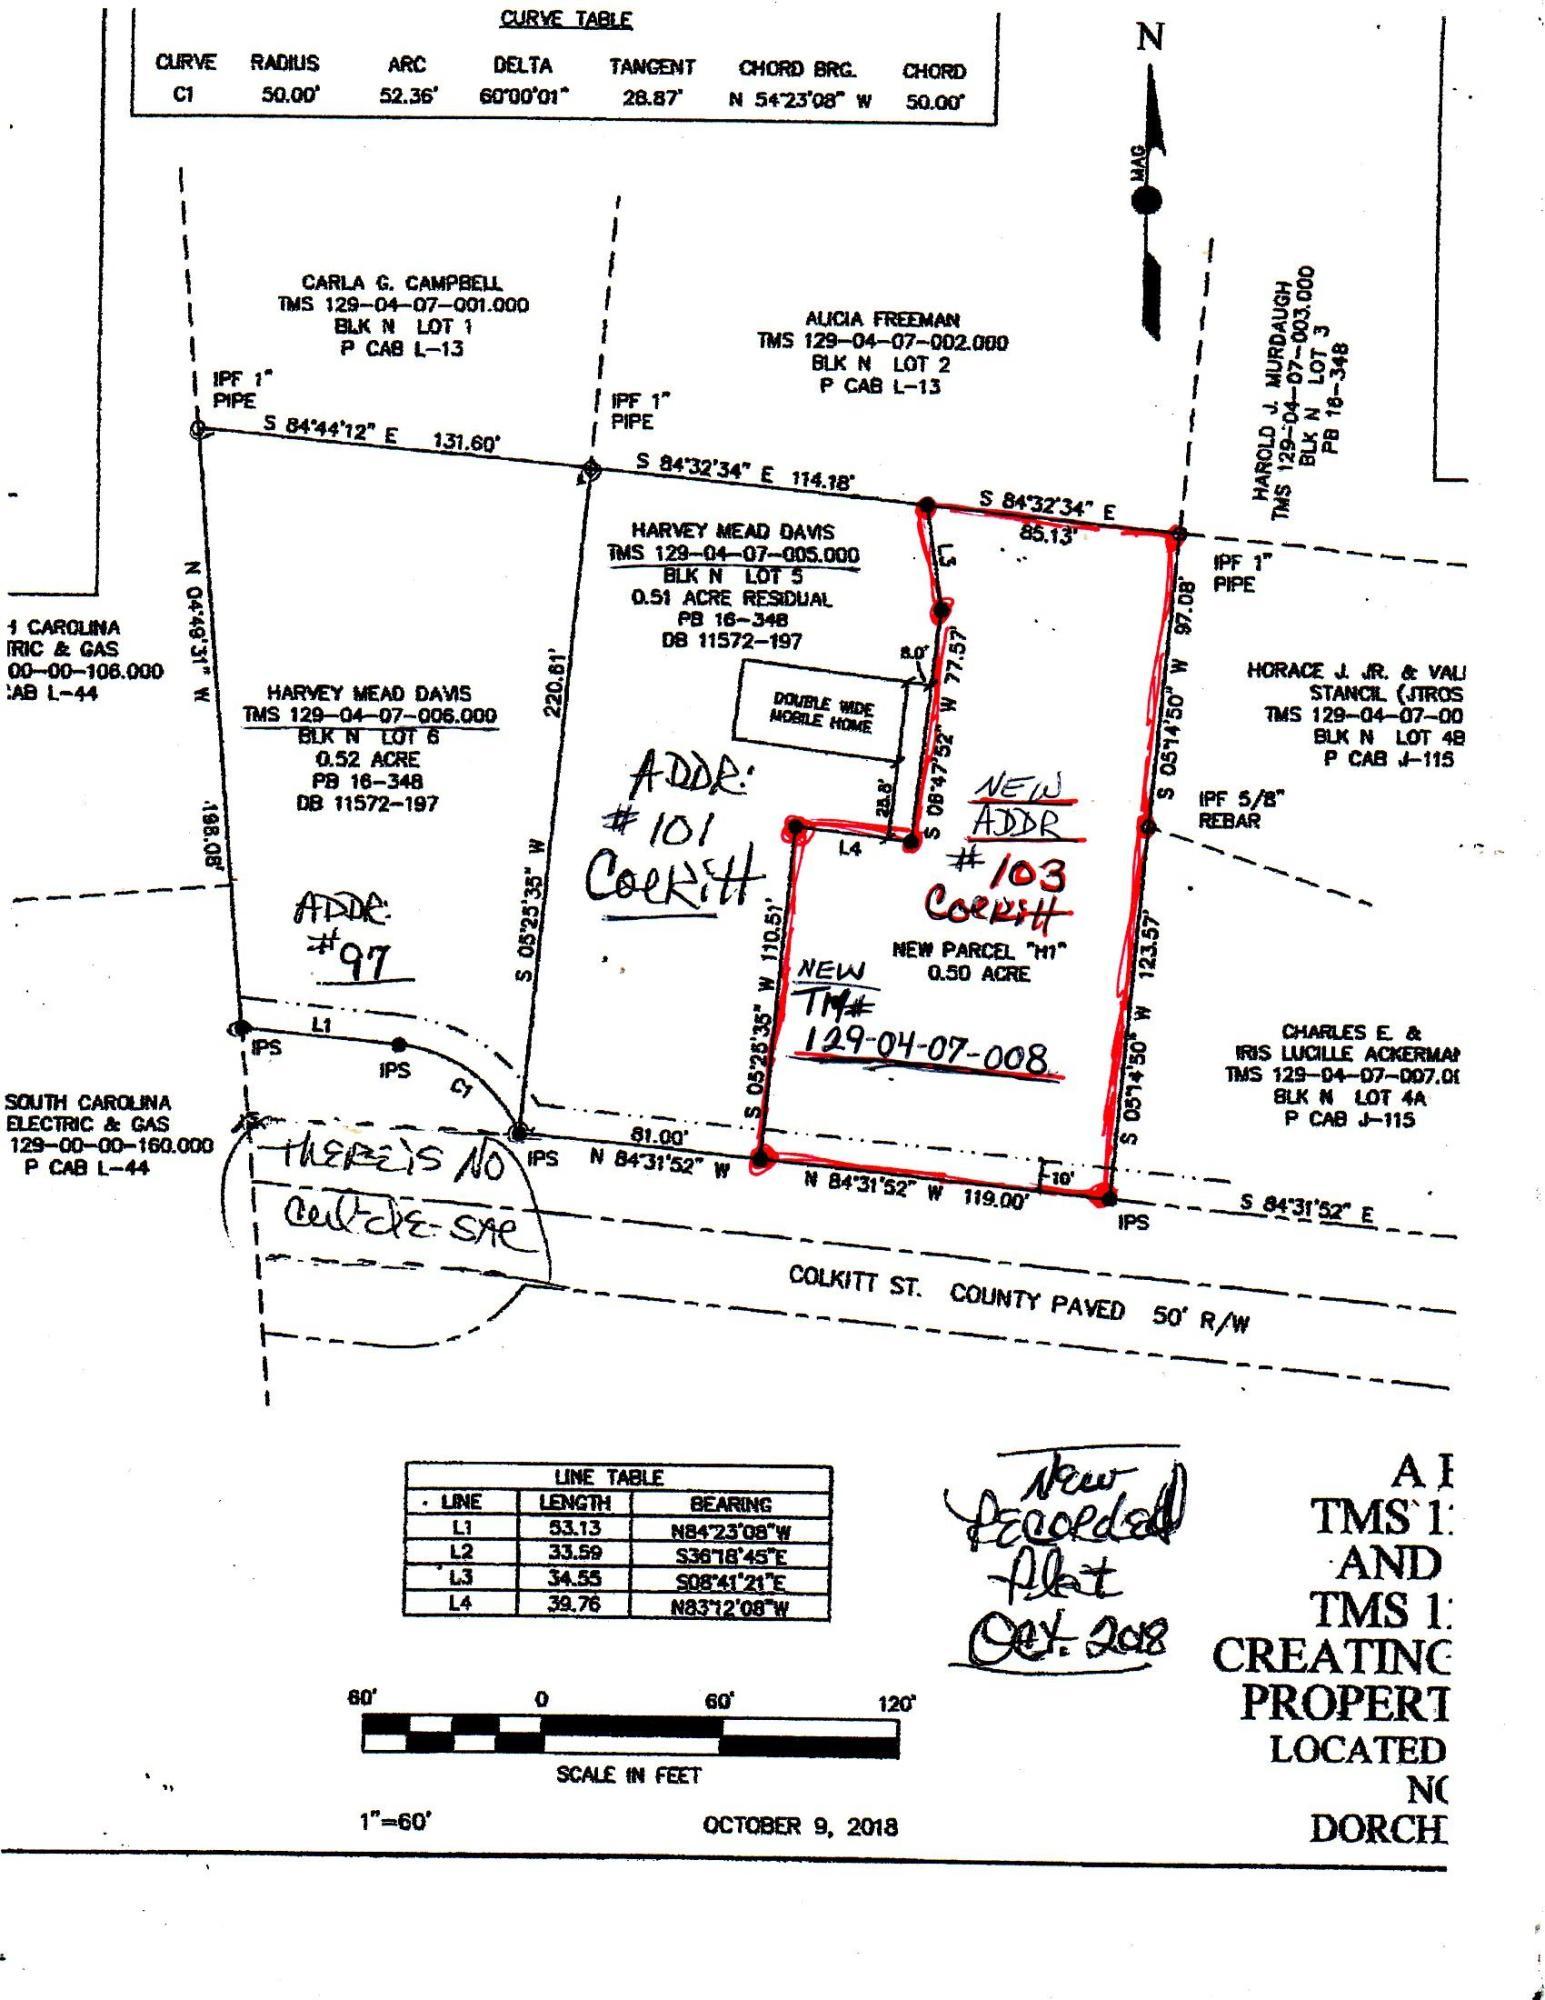 103 Colkitt Street Summerville, SC 29483